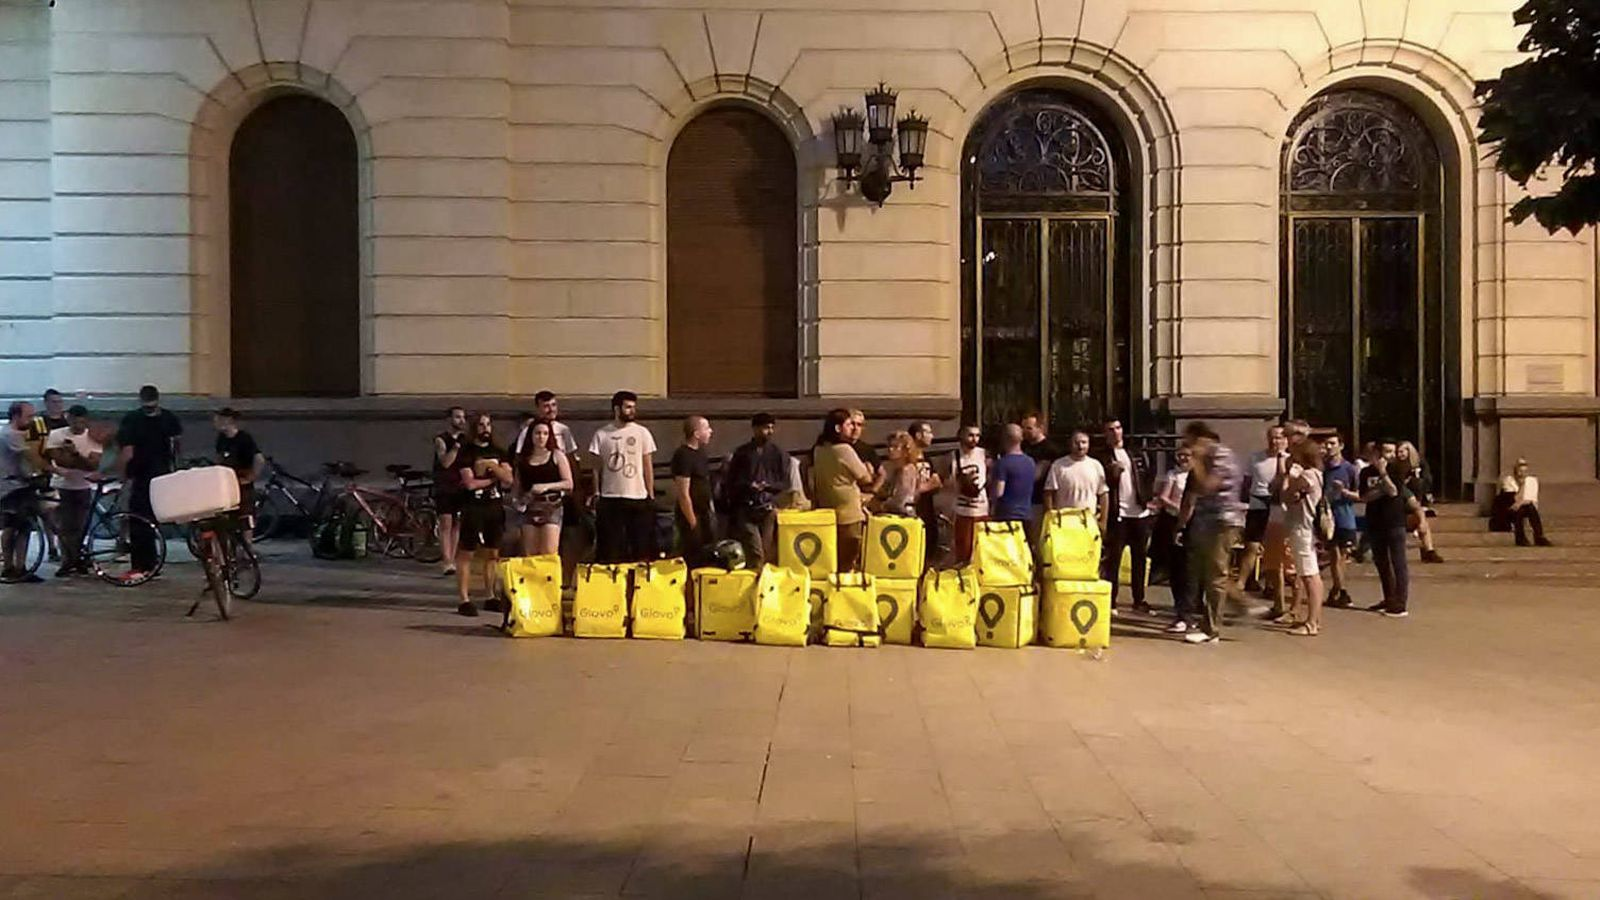 Foto: Concentración de 'glovers' en Zaragoza (Foto cedida)